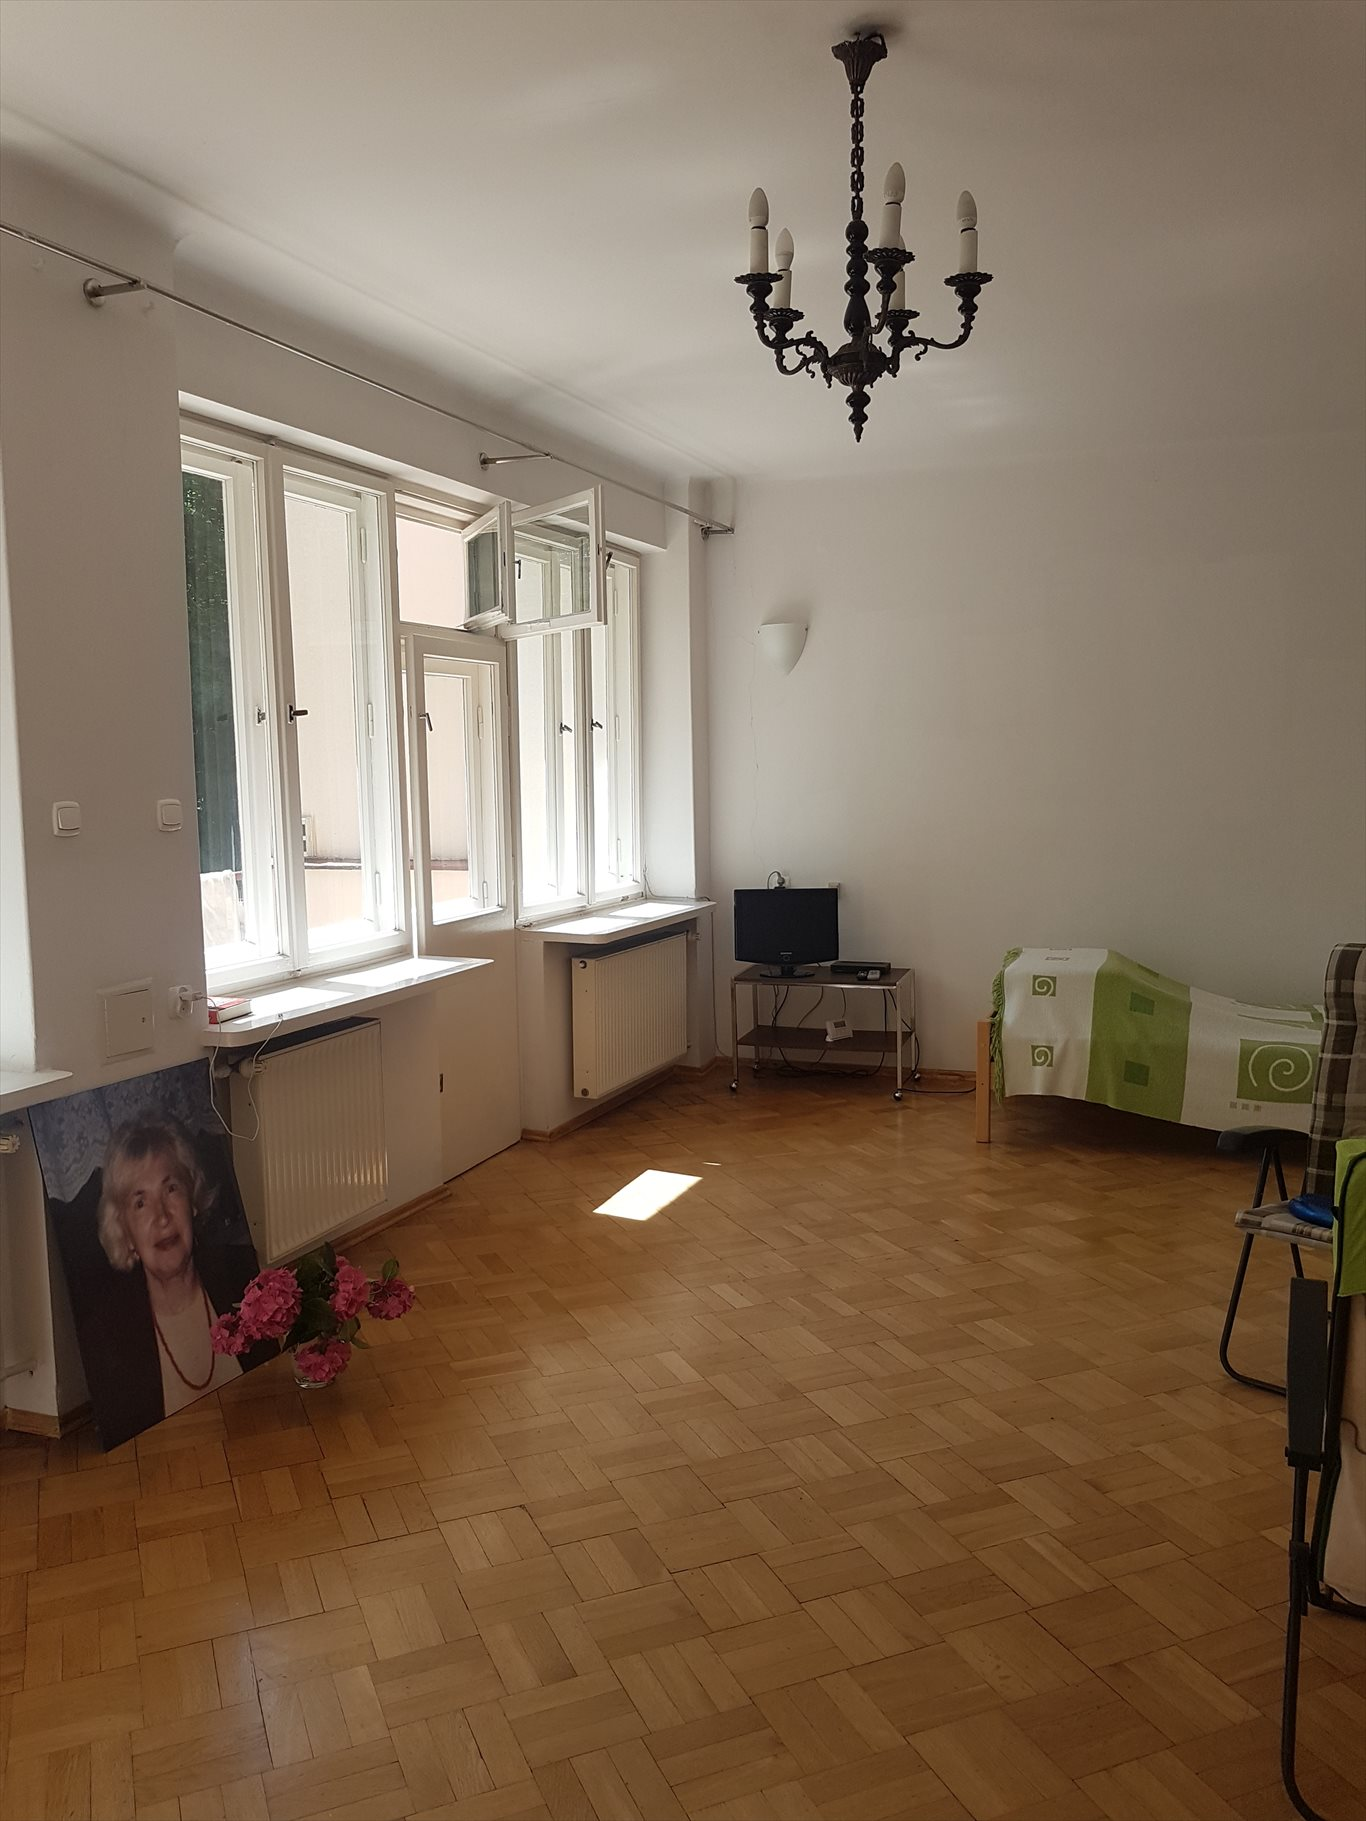 Dom na wynajem Warszawa, Praga-Południe, Saska Kępa, Walecznych  280m2 Foto 7